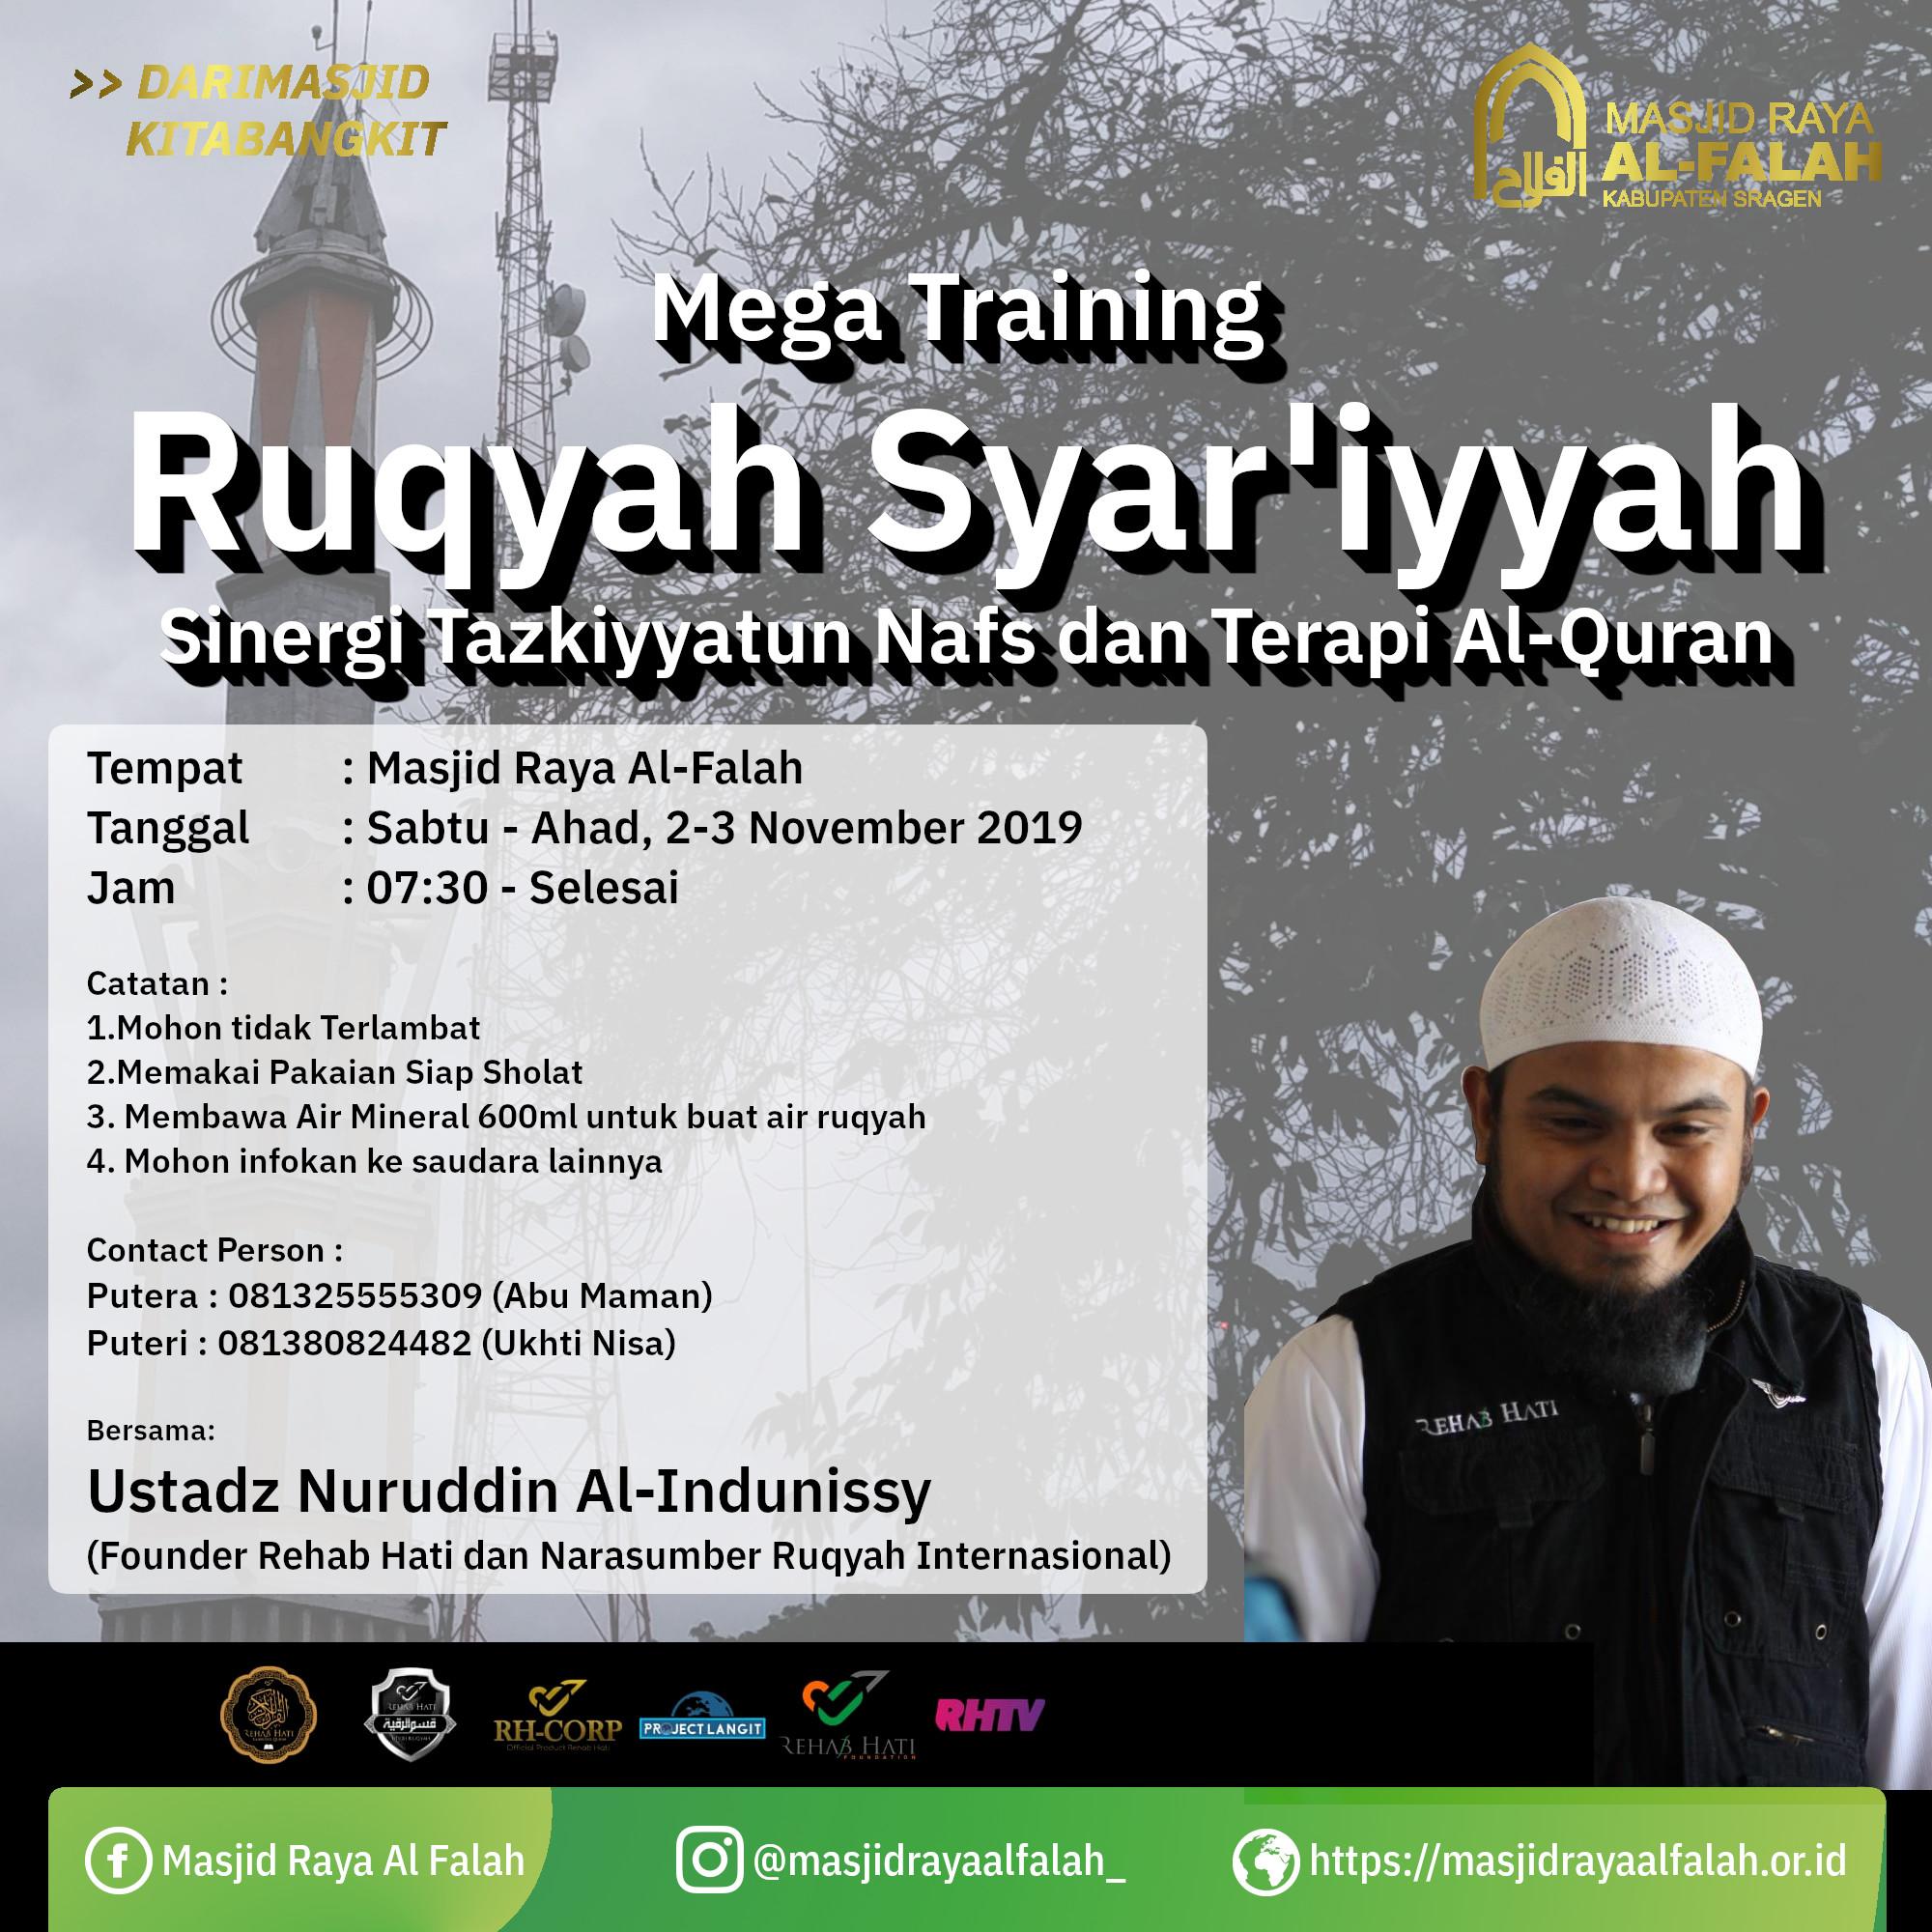 Training Ruqyah Syar'iyyah. Kali ini masih bersama Ustadz Nuruddin Al-Indunissy